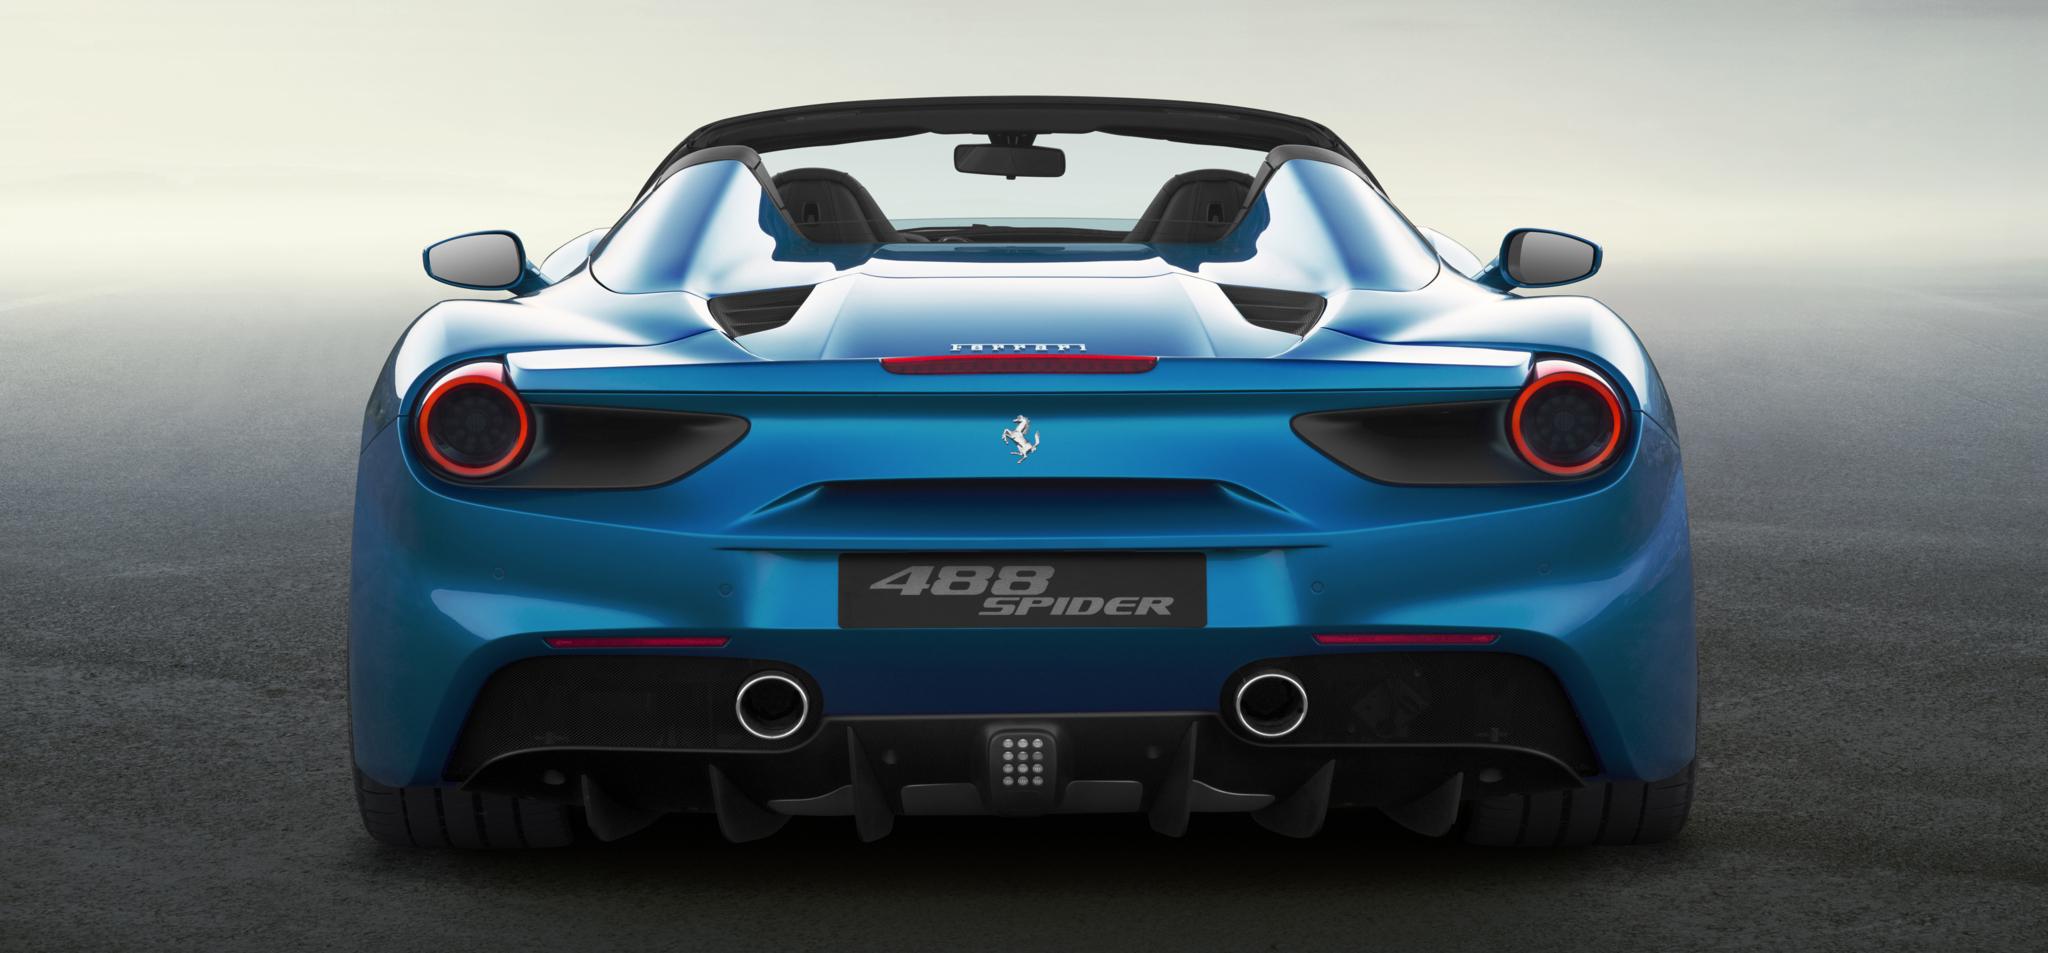 Ferrari 488 Spider A Cielo Abierto Por Unos 250 000 Euros Motor El Mundo